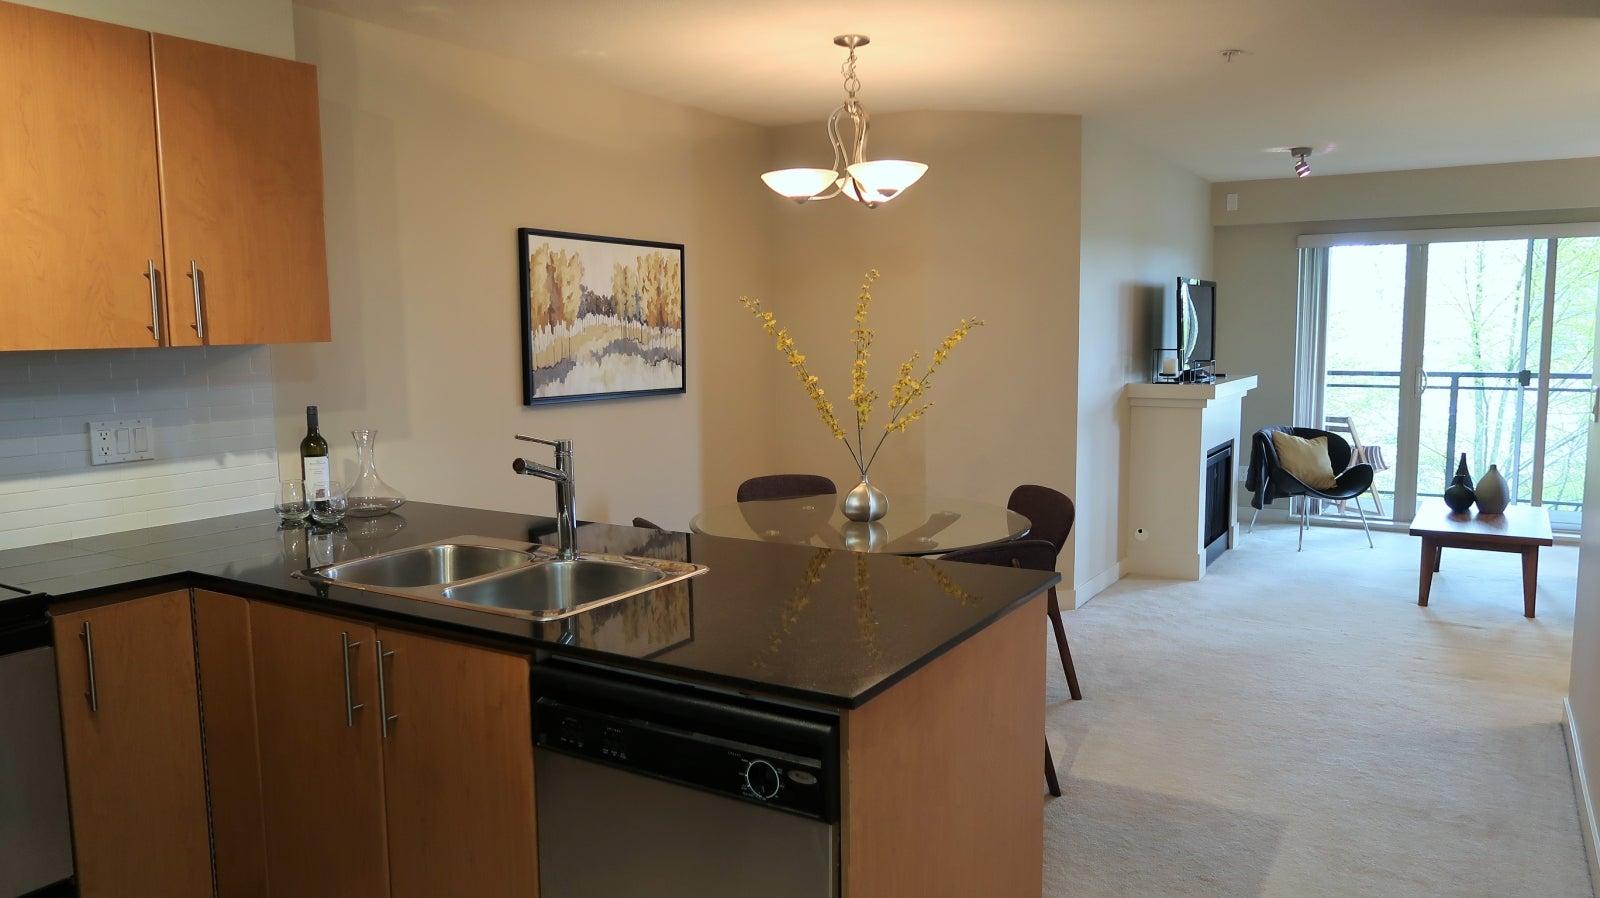 314 1633 MACKAY AVENUE - Pemberton NV Apartment/Condo for sale, 1 Bedroom (R2148211) #8